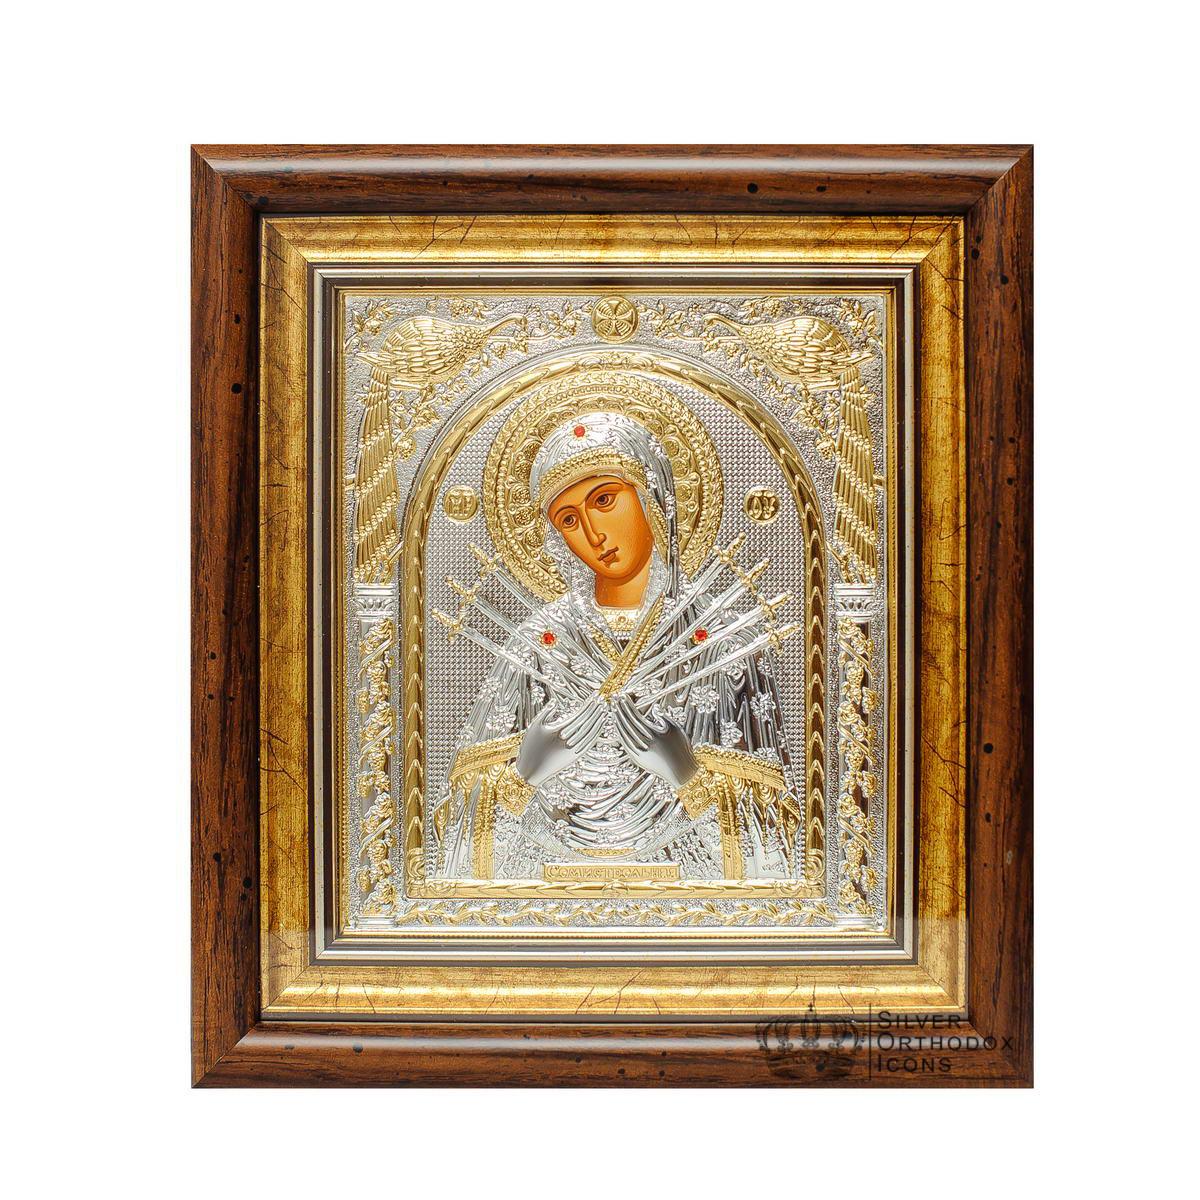 Икона  серебряная Божией Матери Семистрельная 30,5х28,5 см прямоугольной формы под стеклом